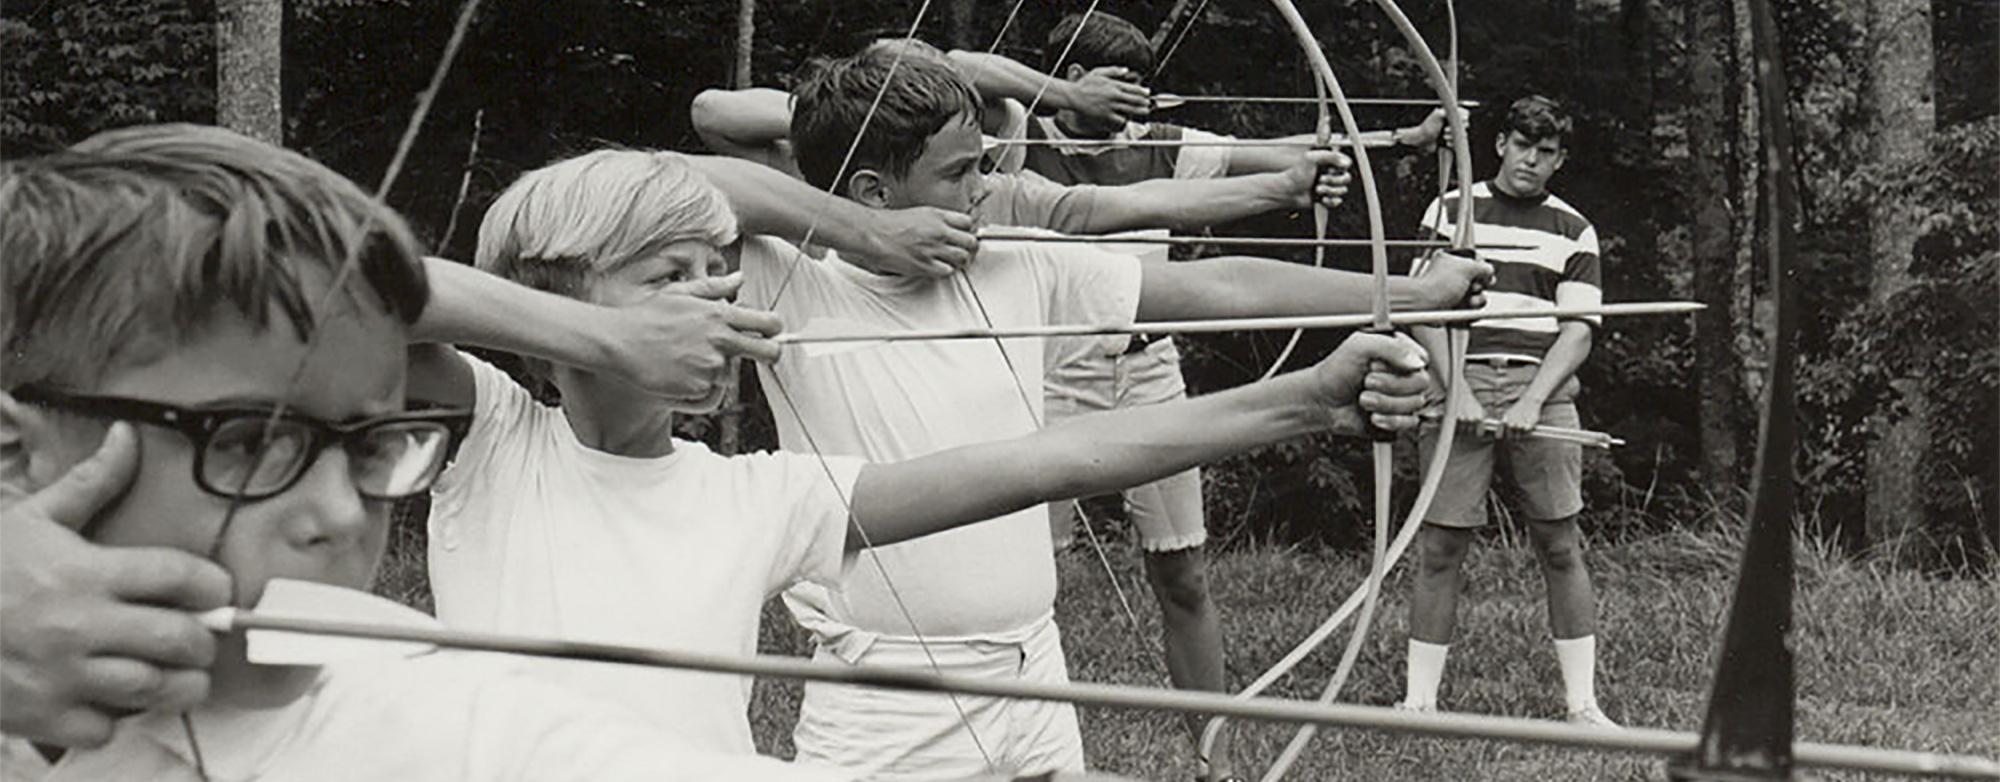 nc-boys-camp-historical-archive-archery2.jpg